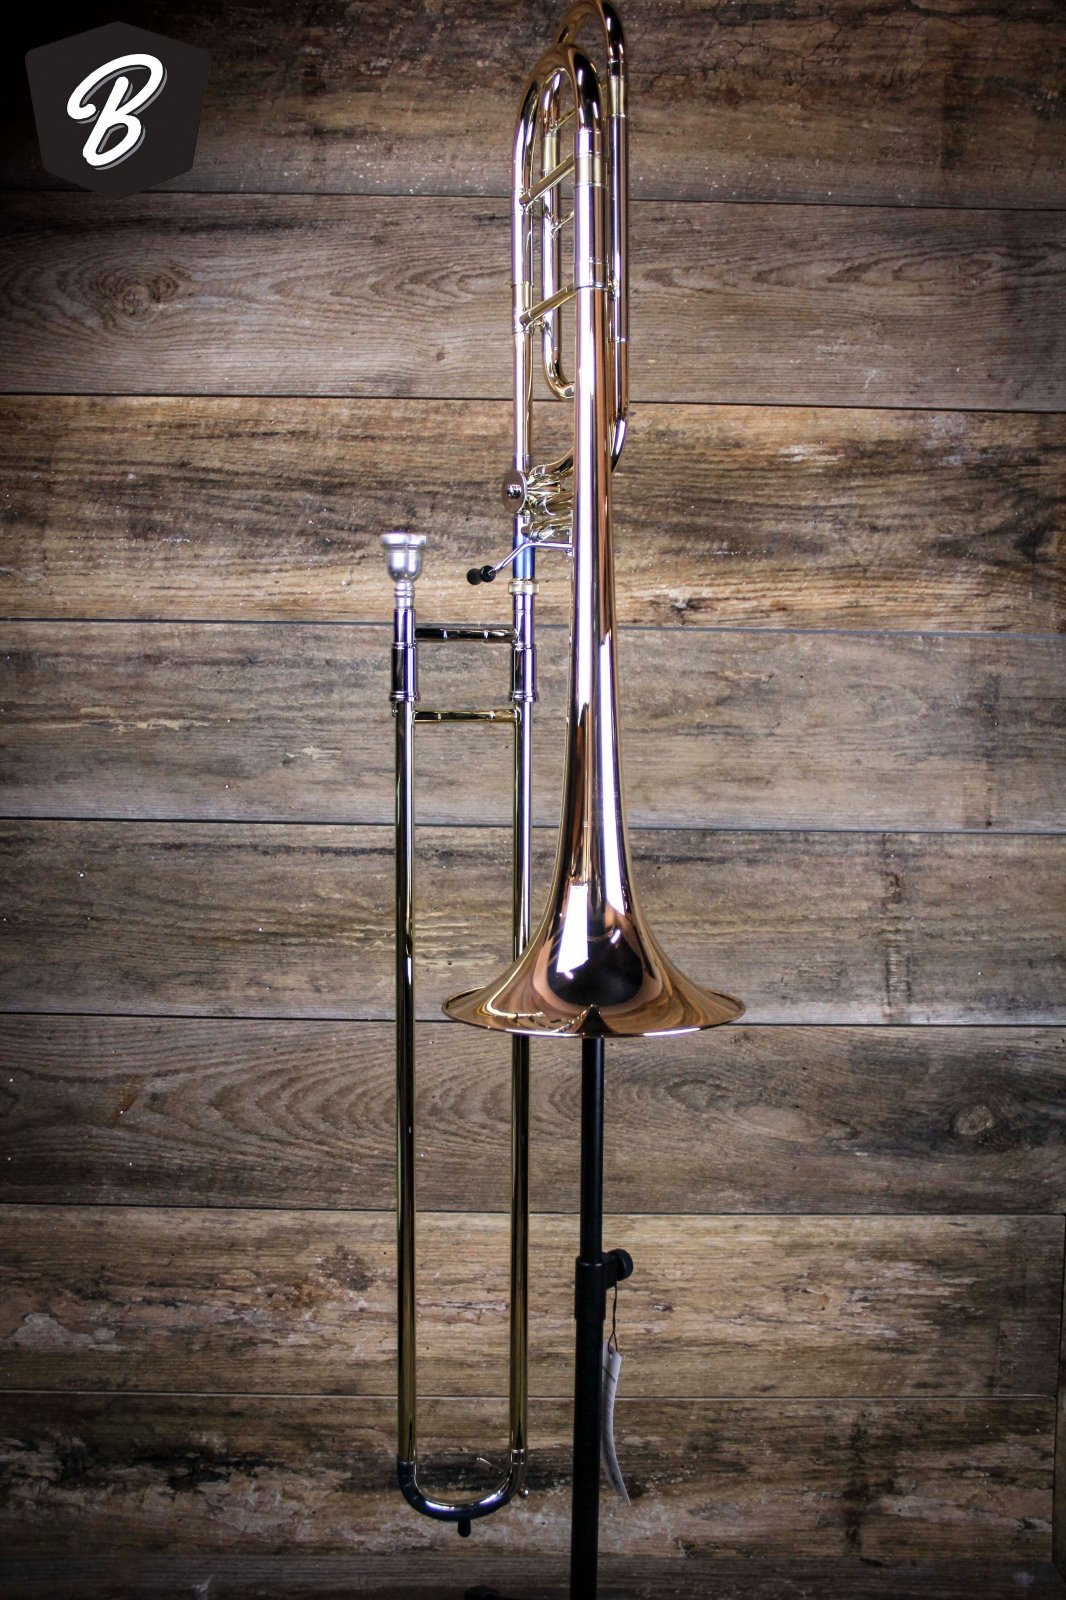 Getzen 1047FR Eterna Tenor Trombone w/Hardshell Case